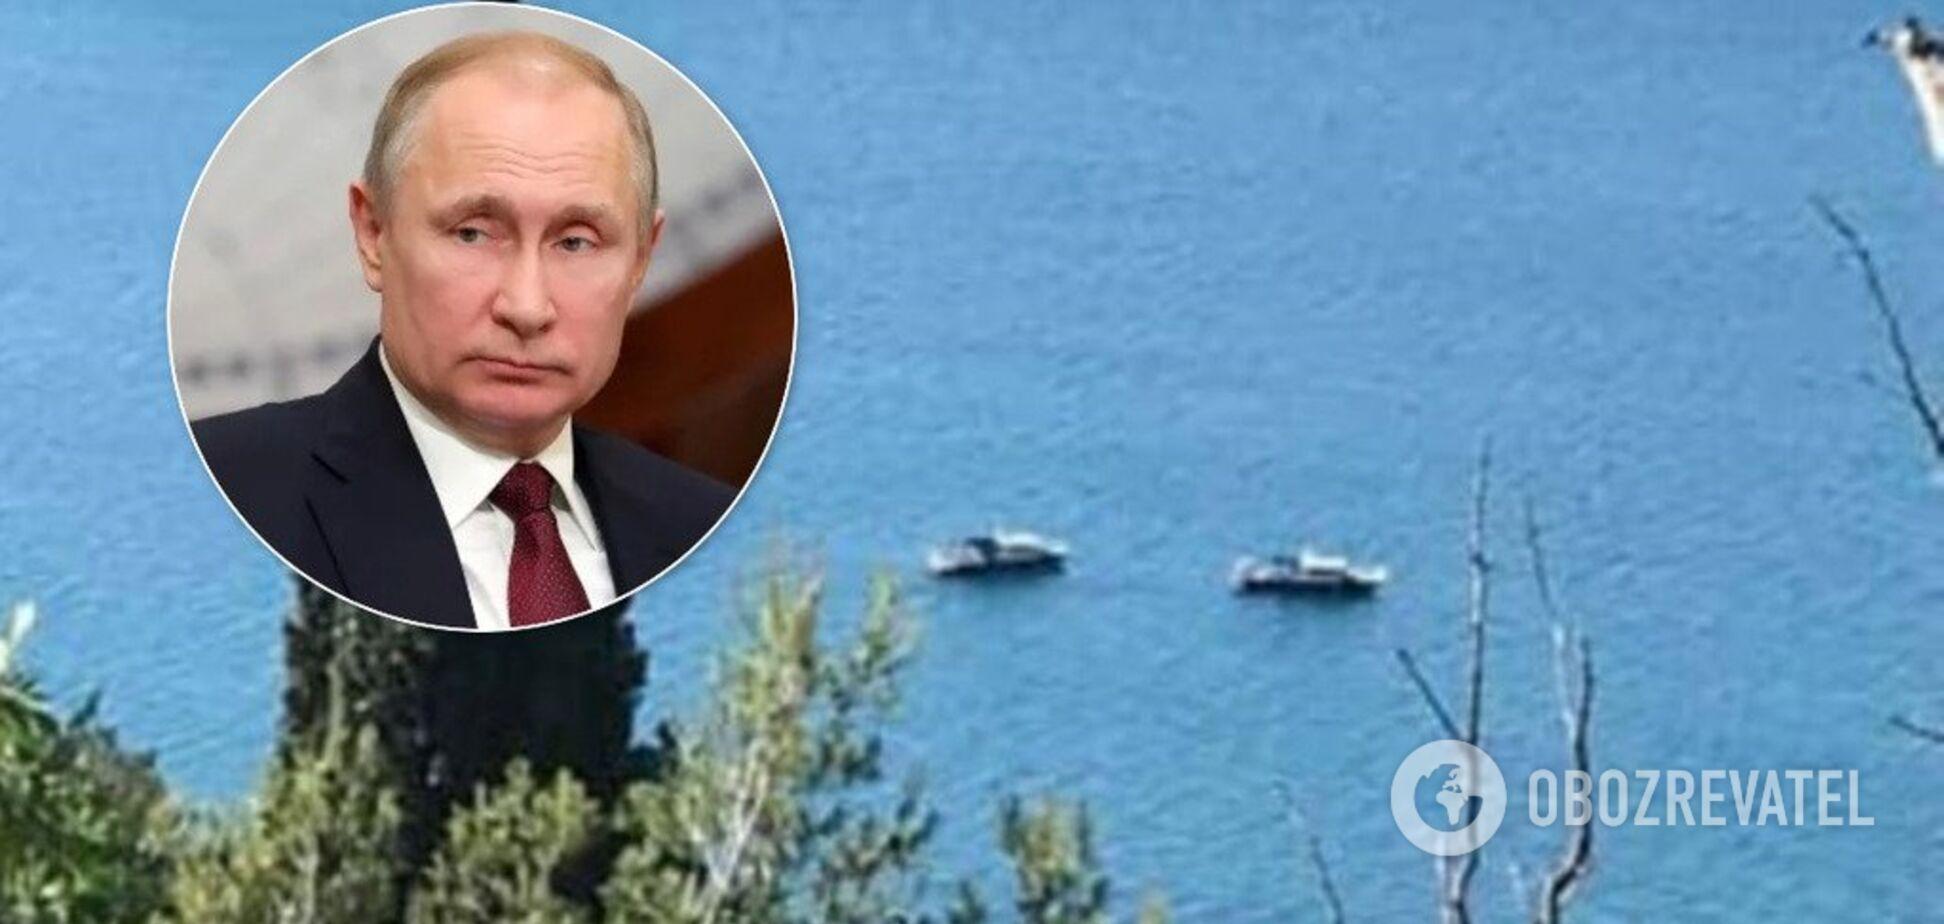 'Приехали к царю': возле 'дачи Путина' в Крыму засветились российские военные корабли